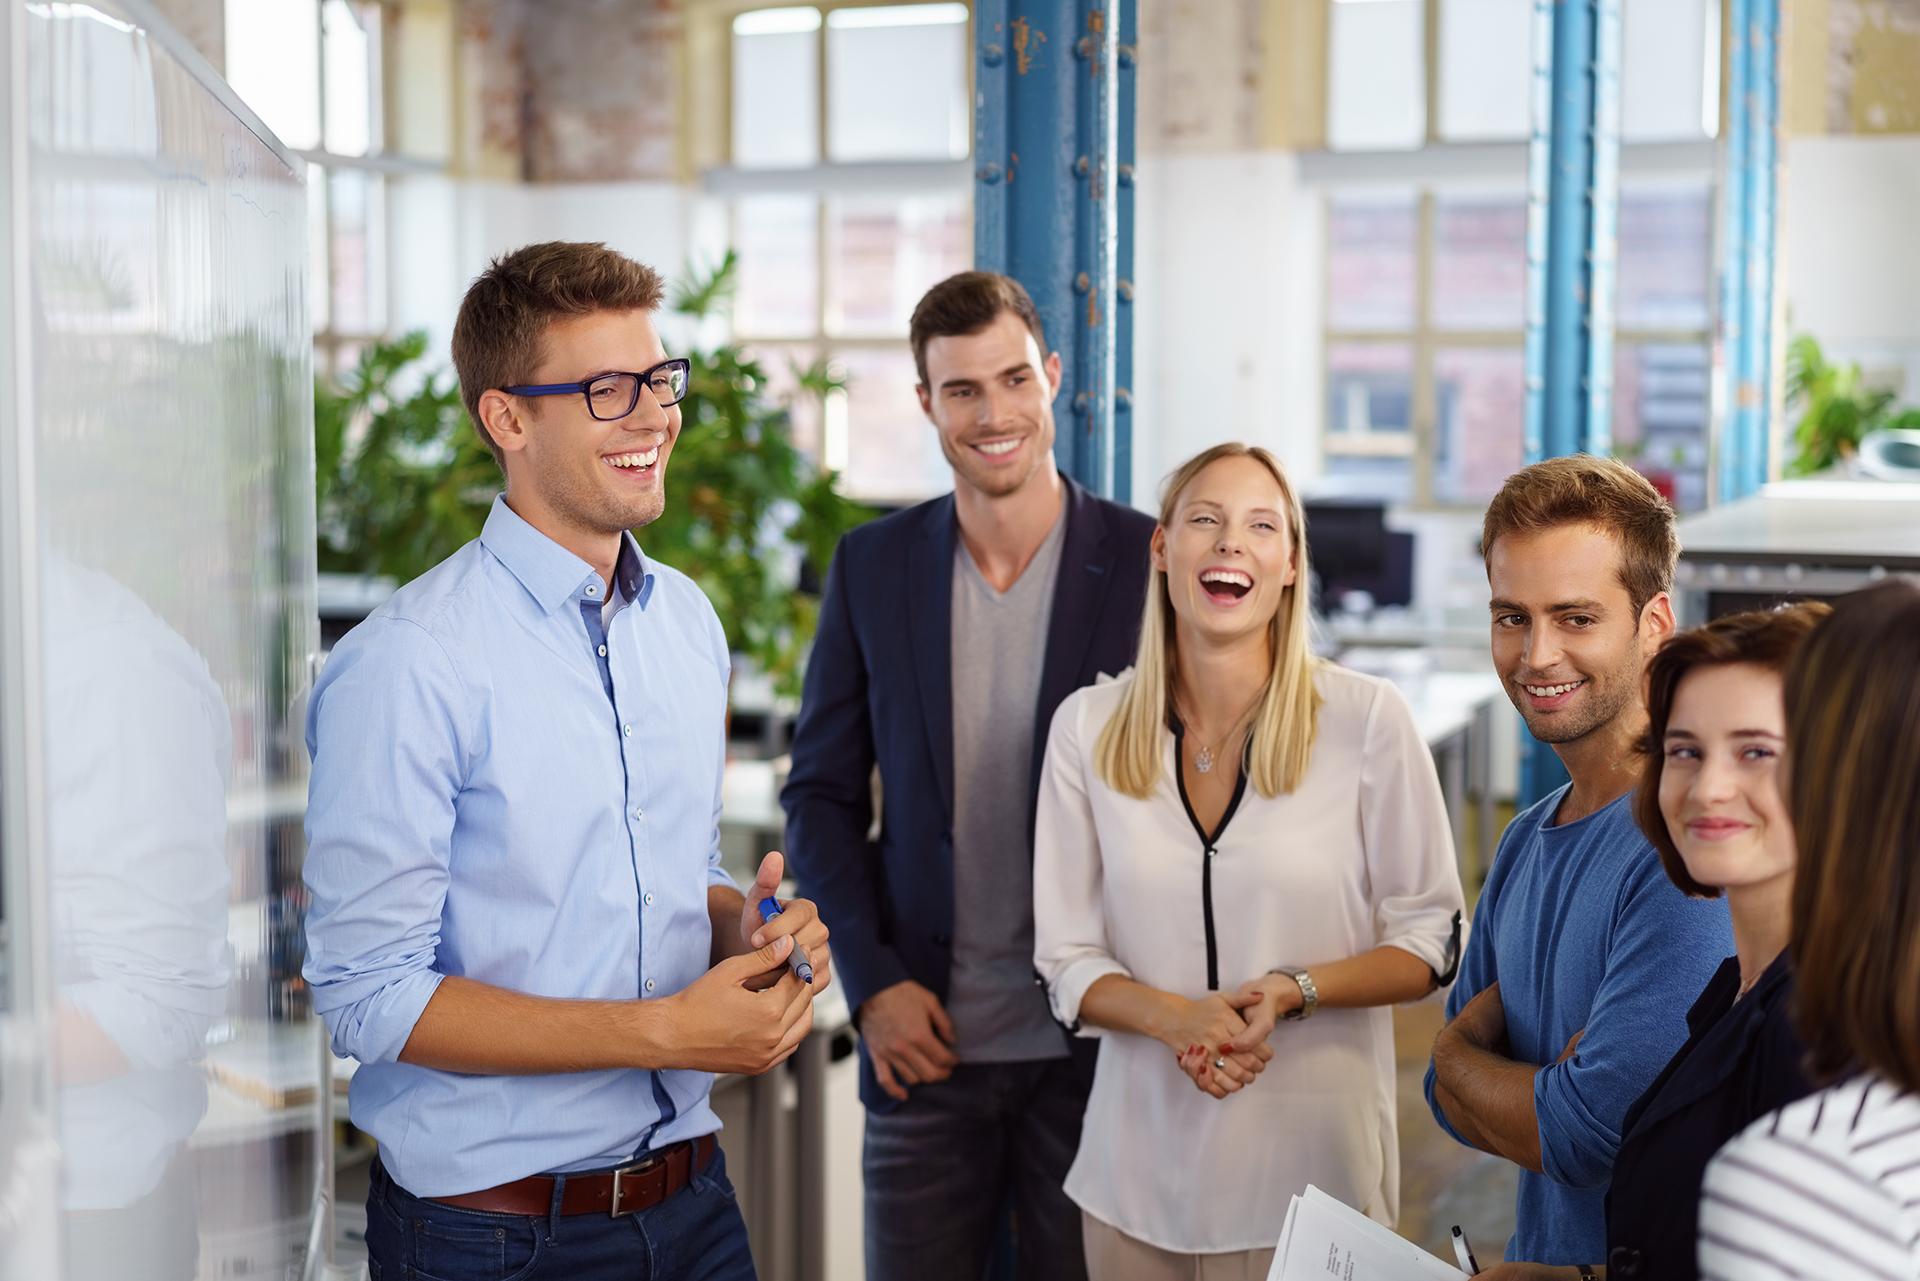 Nauravia toimistotyöntekijöitä valkoisen tussitaulun äärelllä, pienessä toimistossa